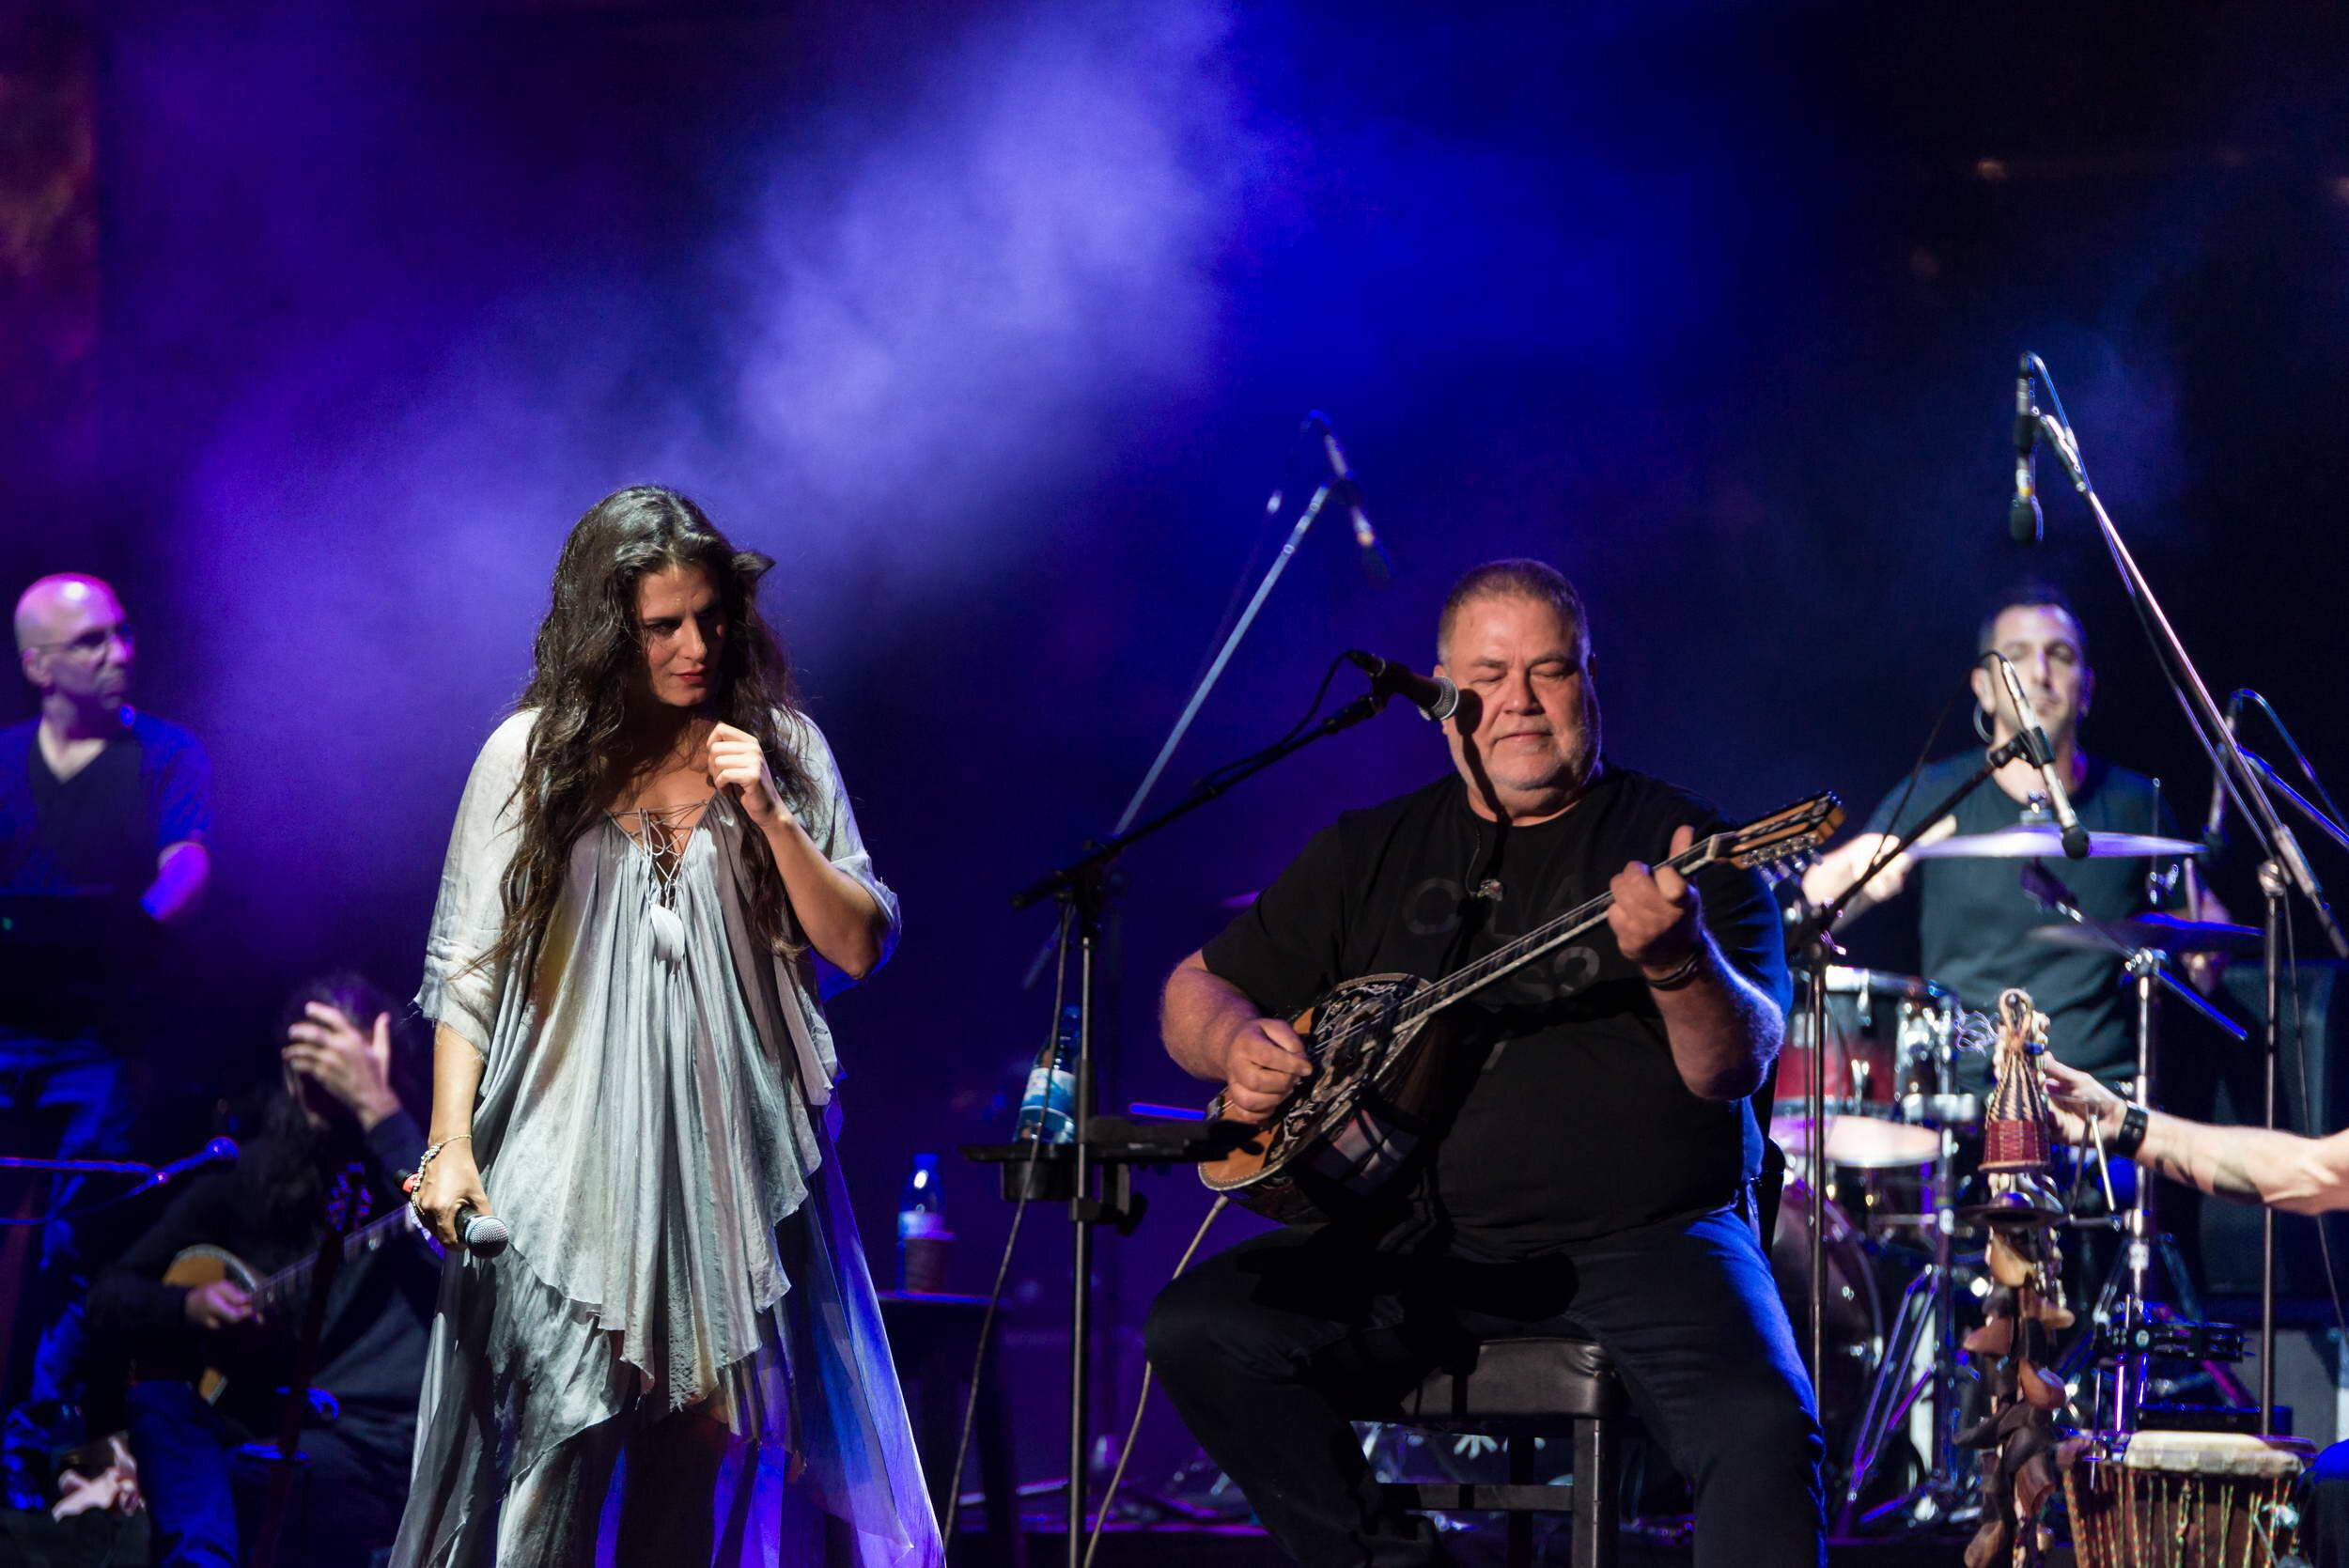 מירי מסיקה ויהודה פוליקר בהופעה חיה